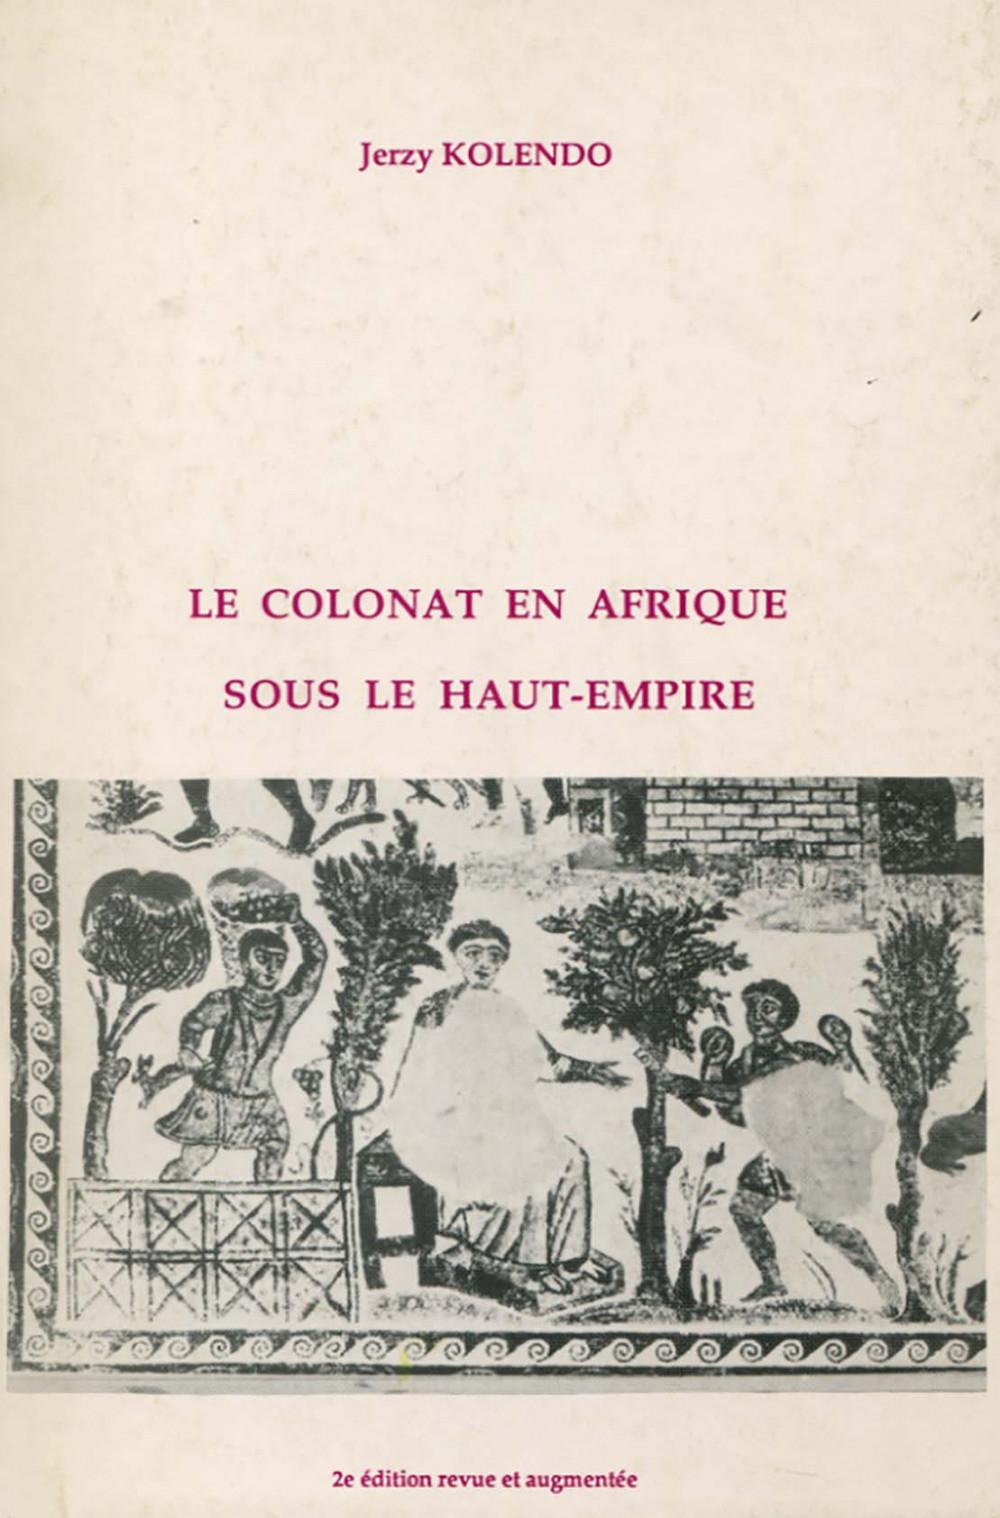 Le colonat en Afrique sous le Haut Empire - 2<SUP>e</SUP>  édition